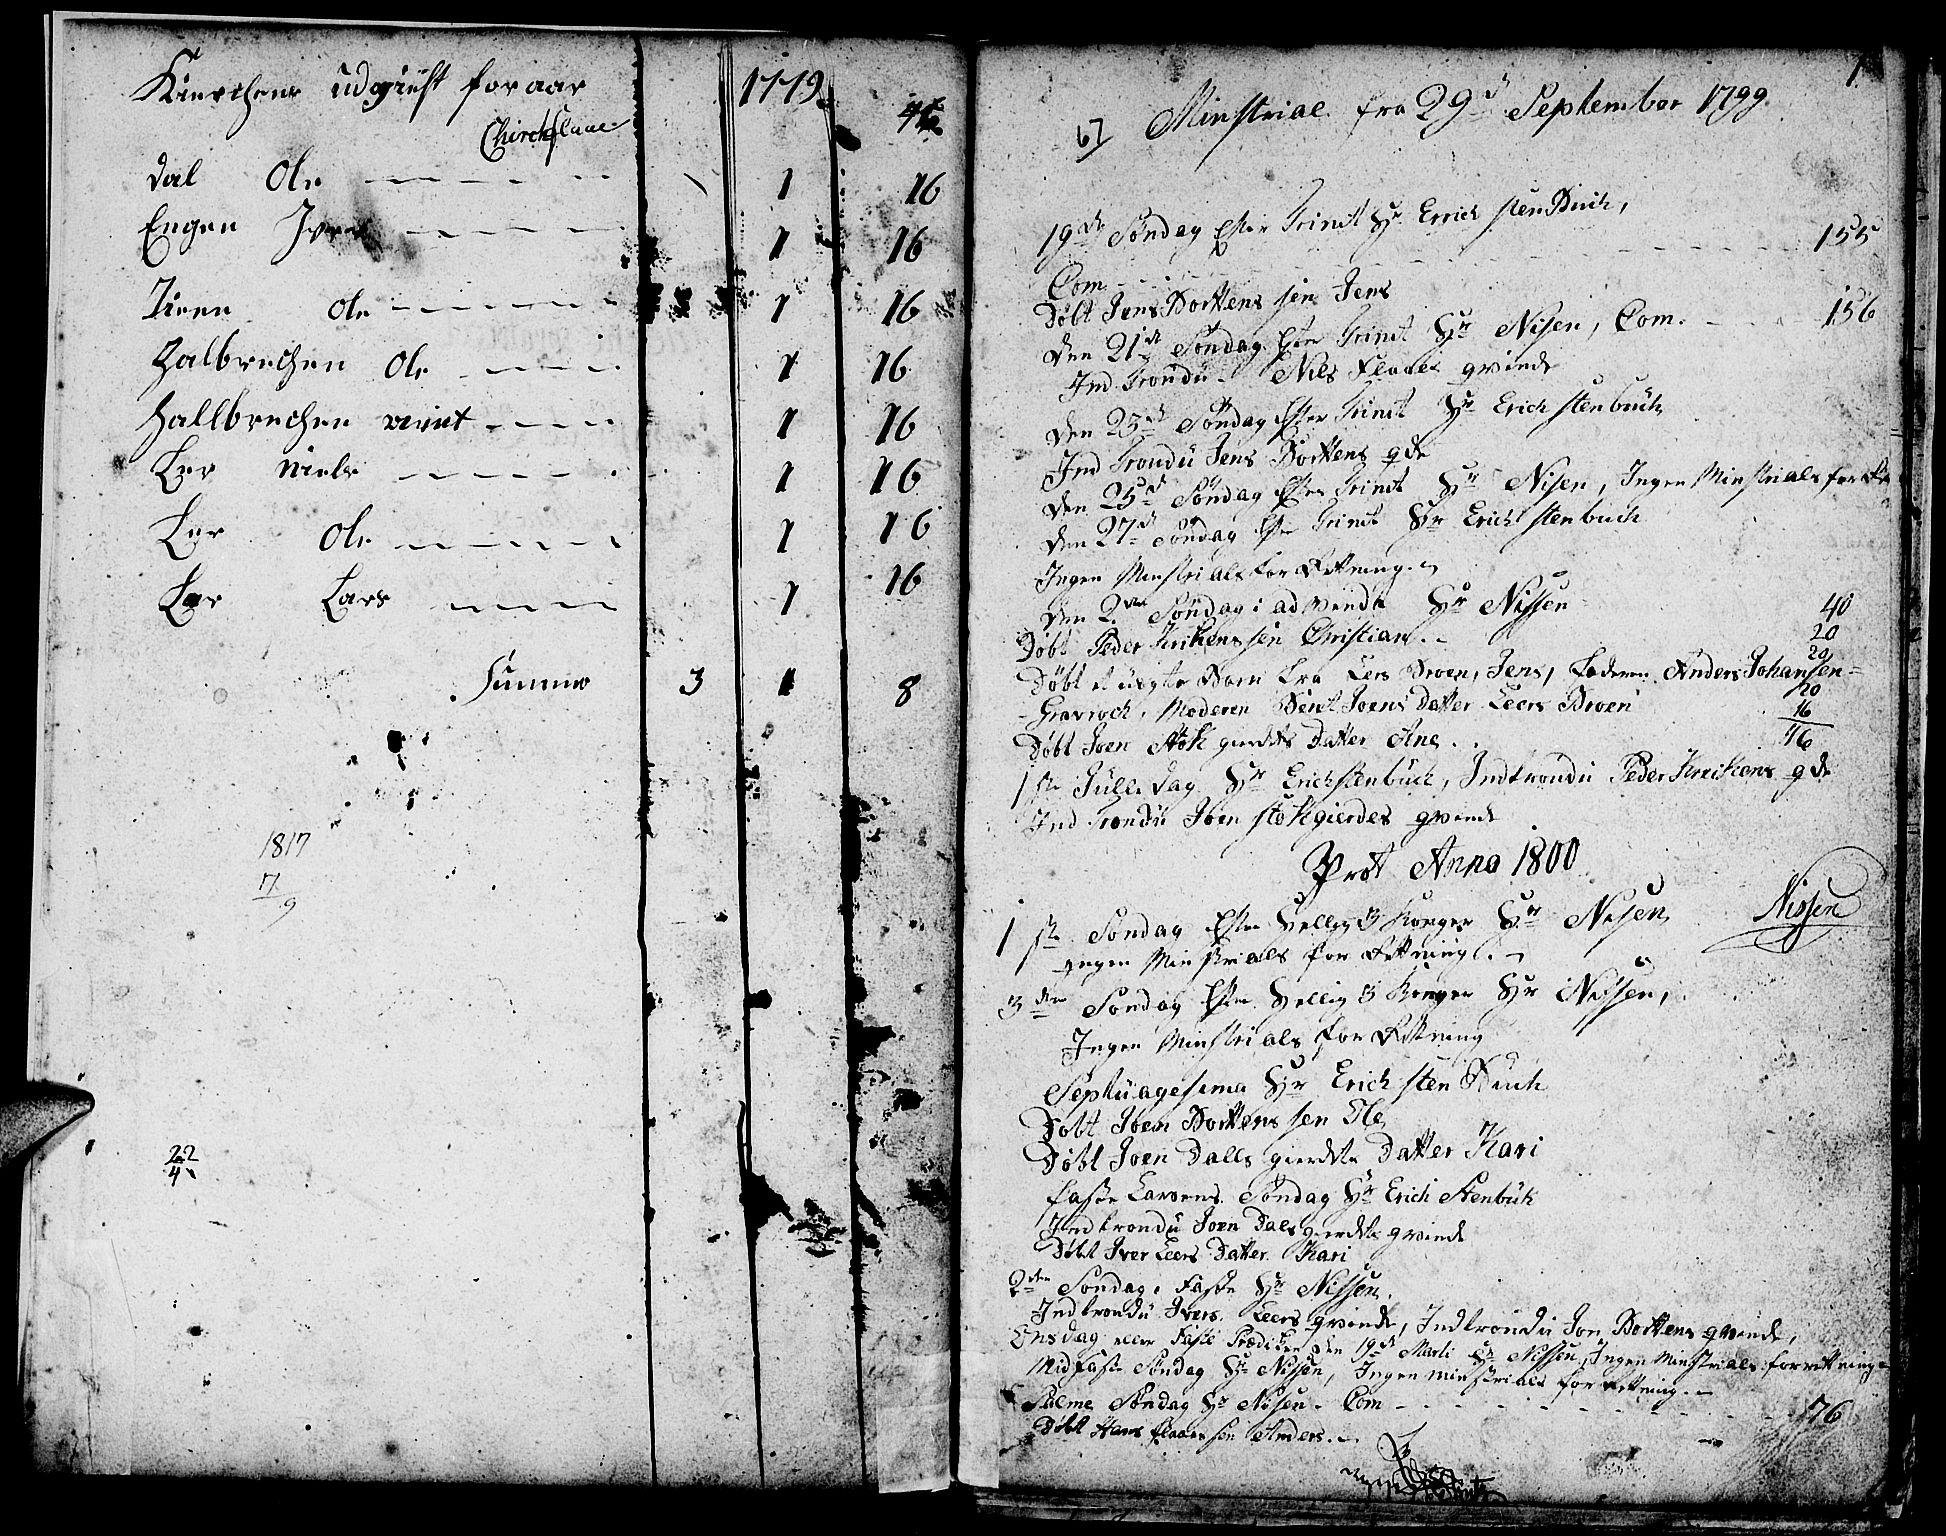 SAT, Ministerialprotokoller, klokkerbøker og fødselsregistre - Sør-Trøndelag, 693/L1120: Klokkerbok nr. 693C01, 1799-1816, s. 0-1